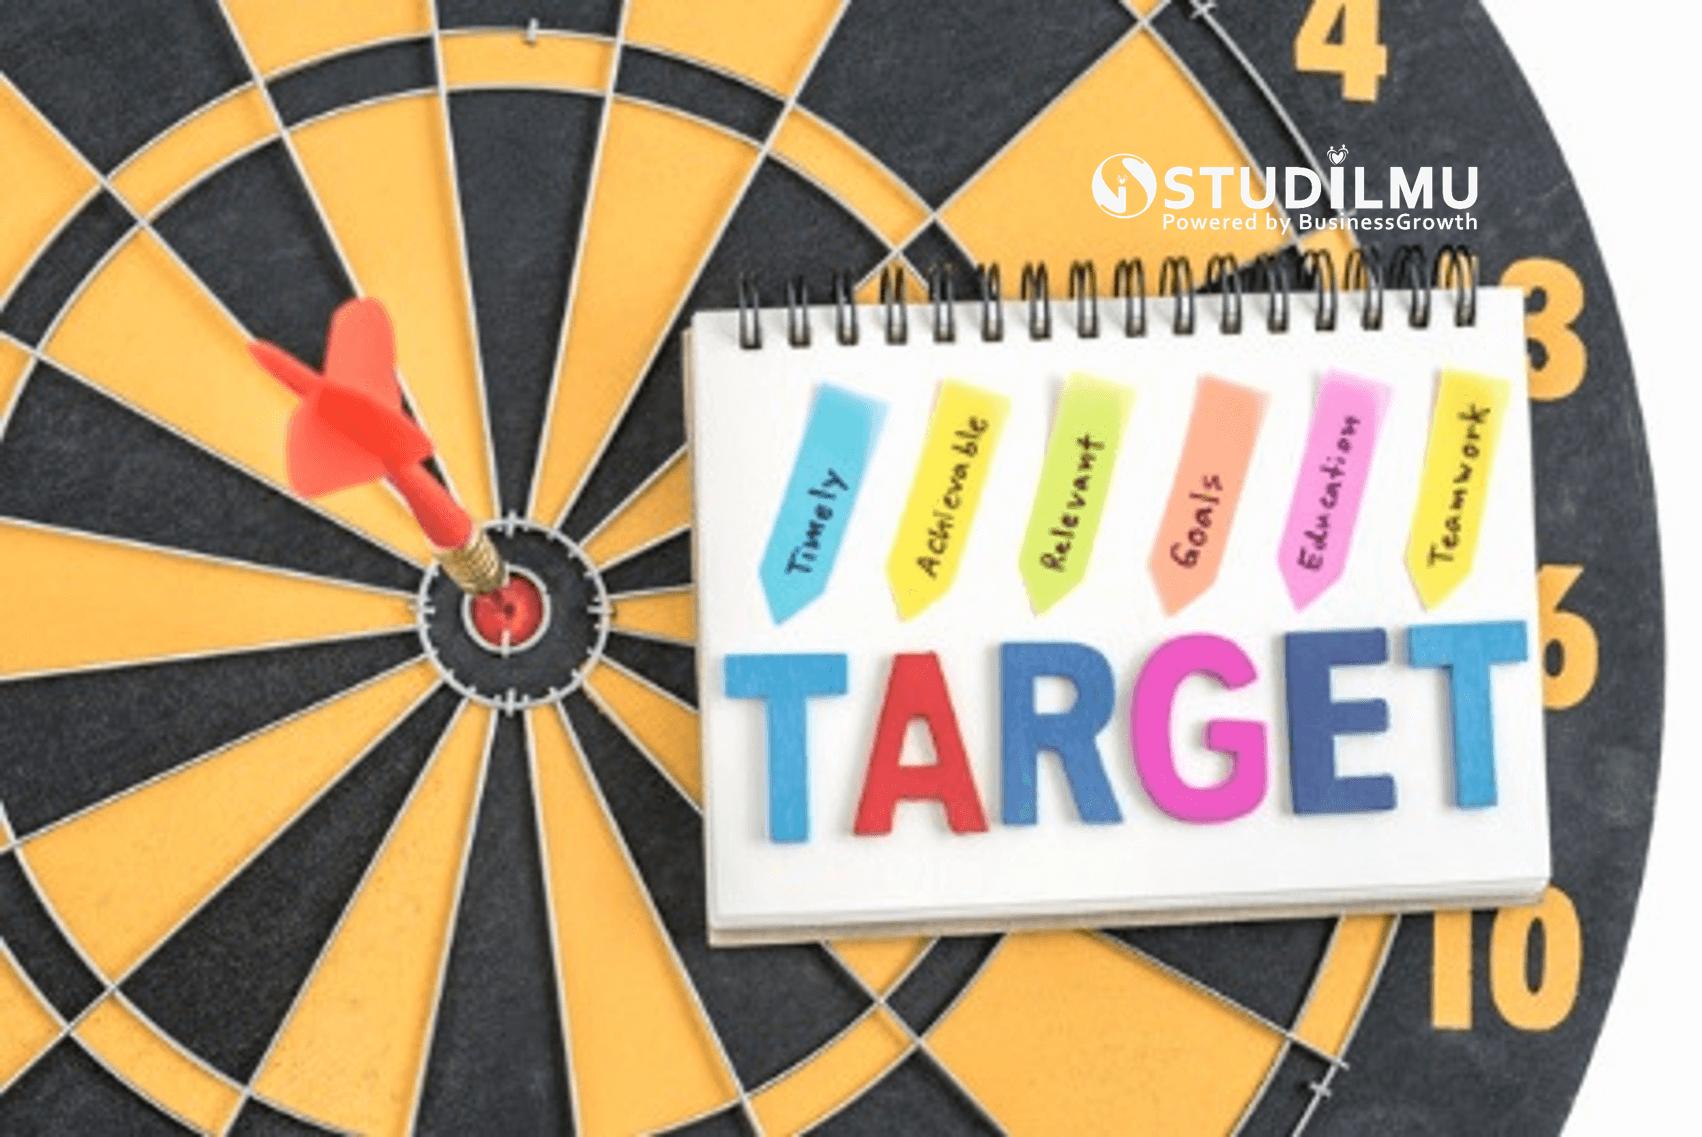 STUDILMU Career Advice - 4 Manfaat Meningkatkan Goal Perusahaan